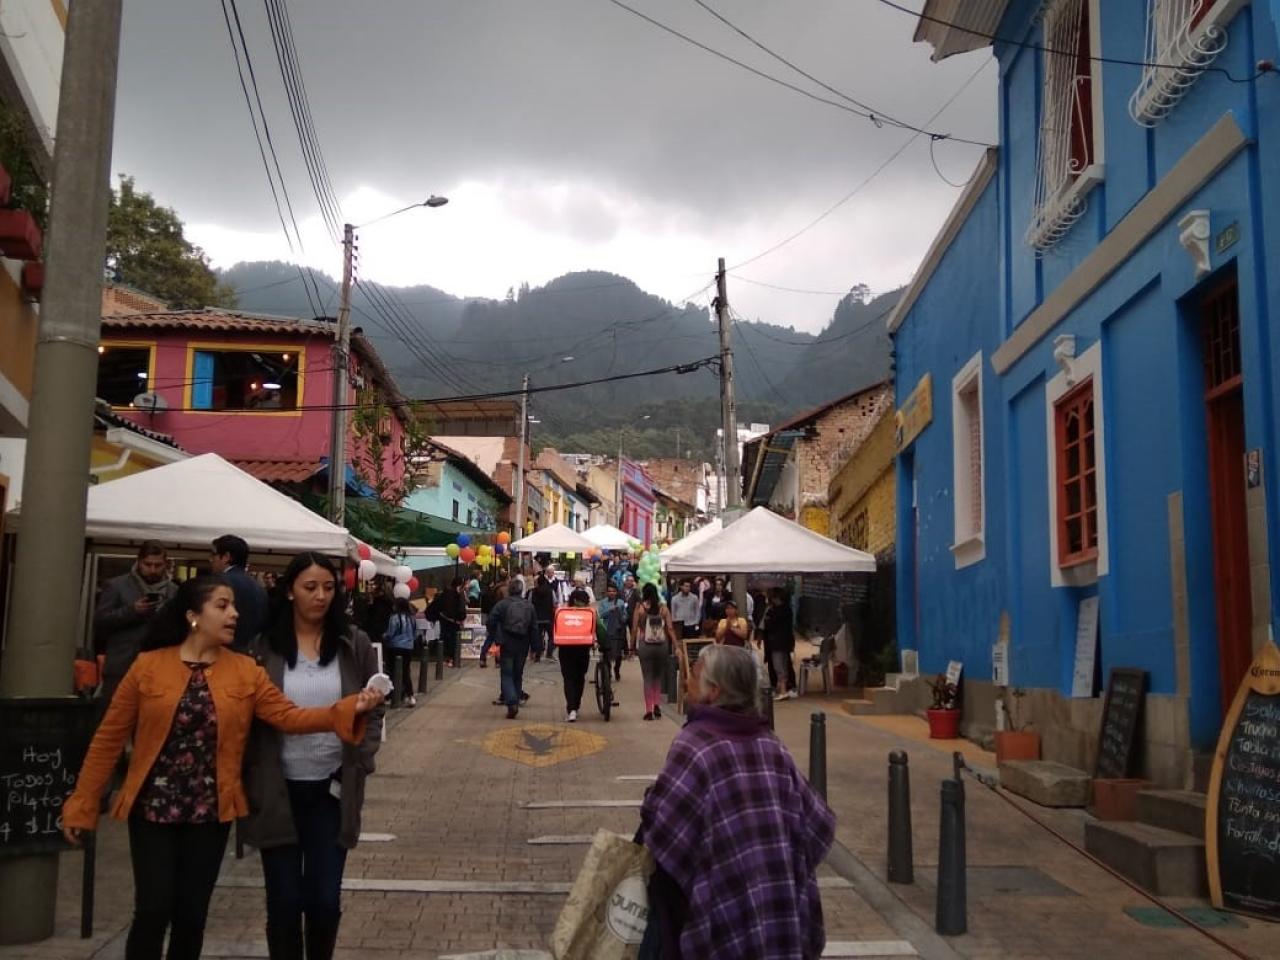 'La Calle Bonita', el festival gastronómico que busca cambiarle la cara a la localidad de Santa Fe